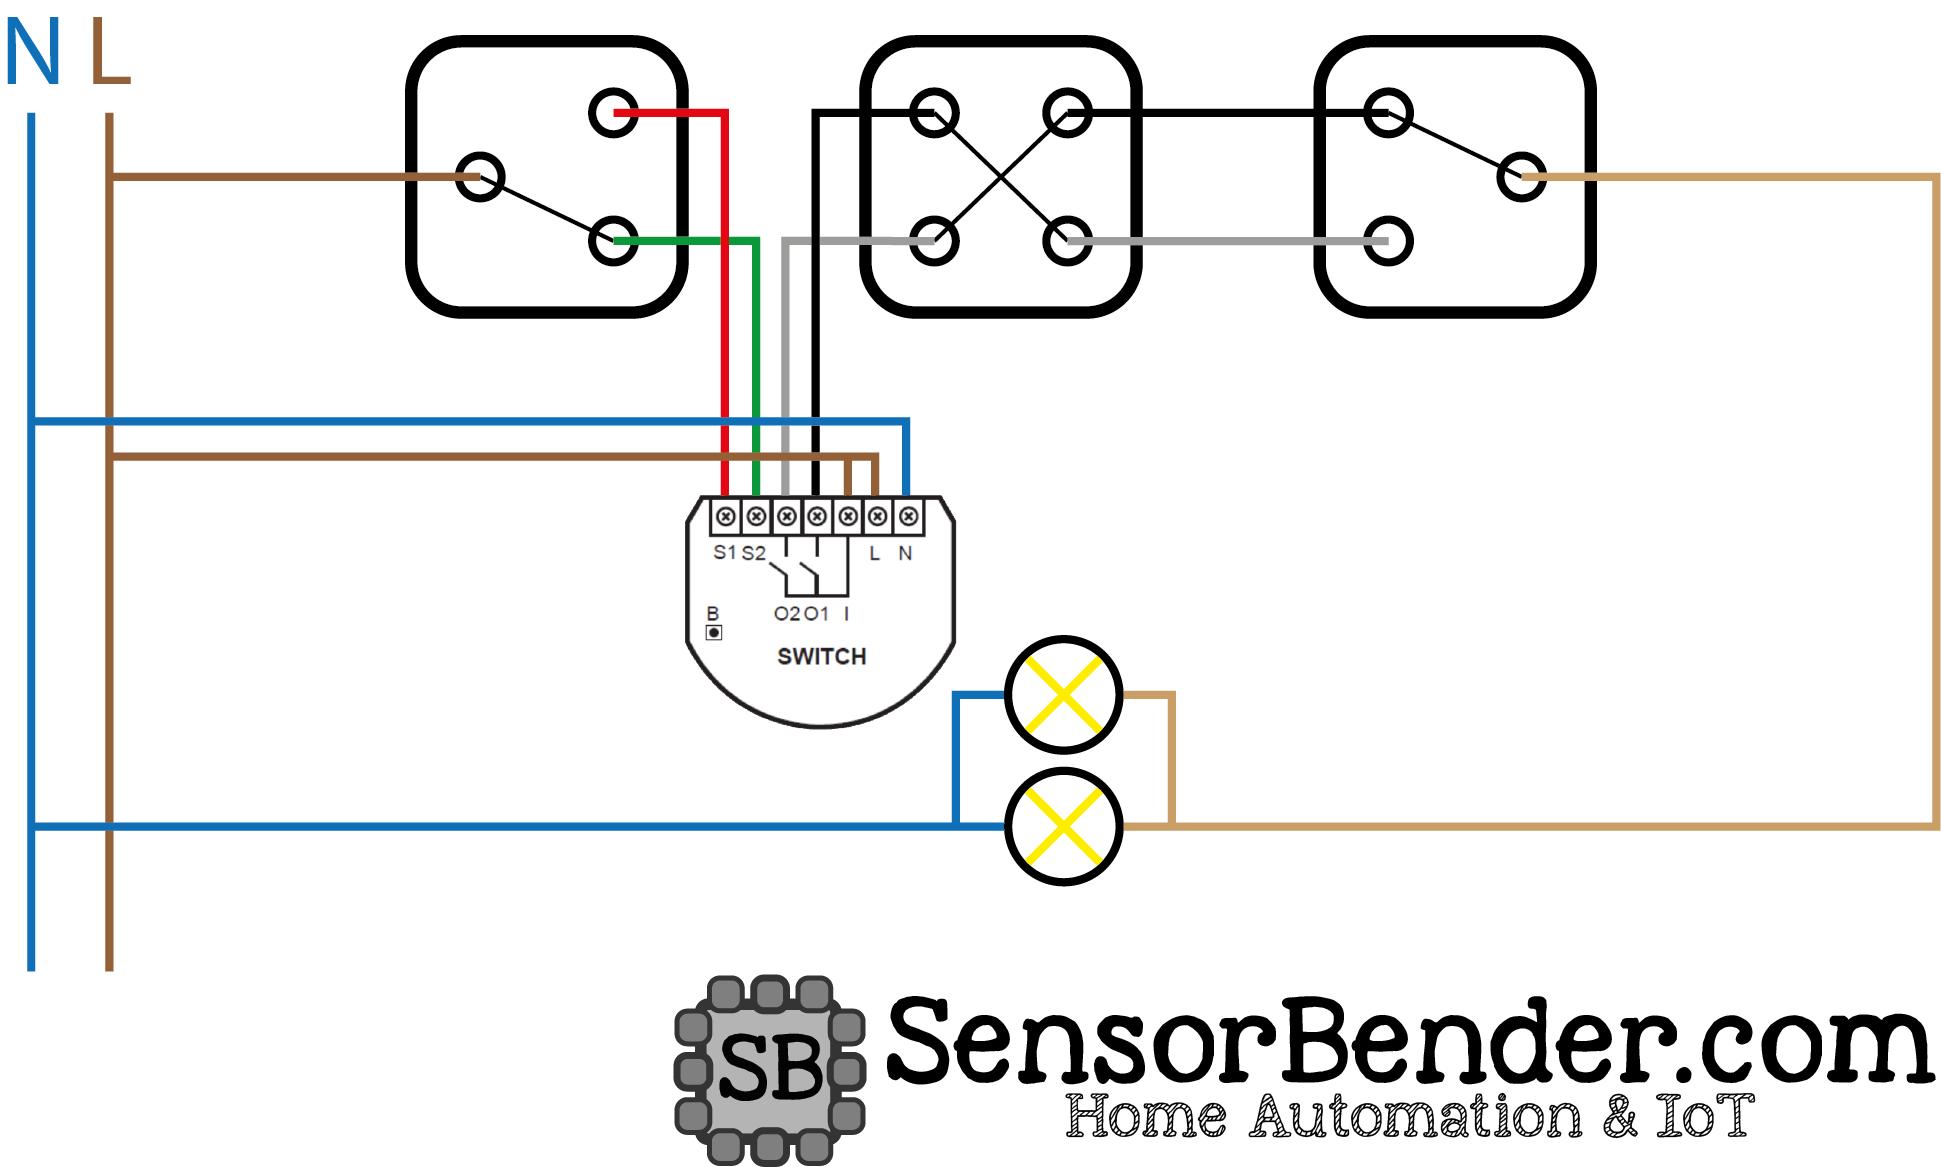 Wechselschaltung mehrerer Lampen ohne COM-Link mit Fibaro Switch